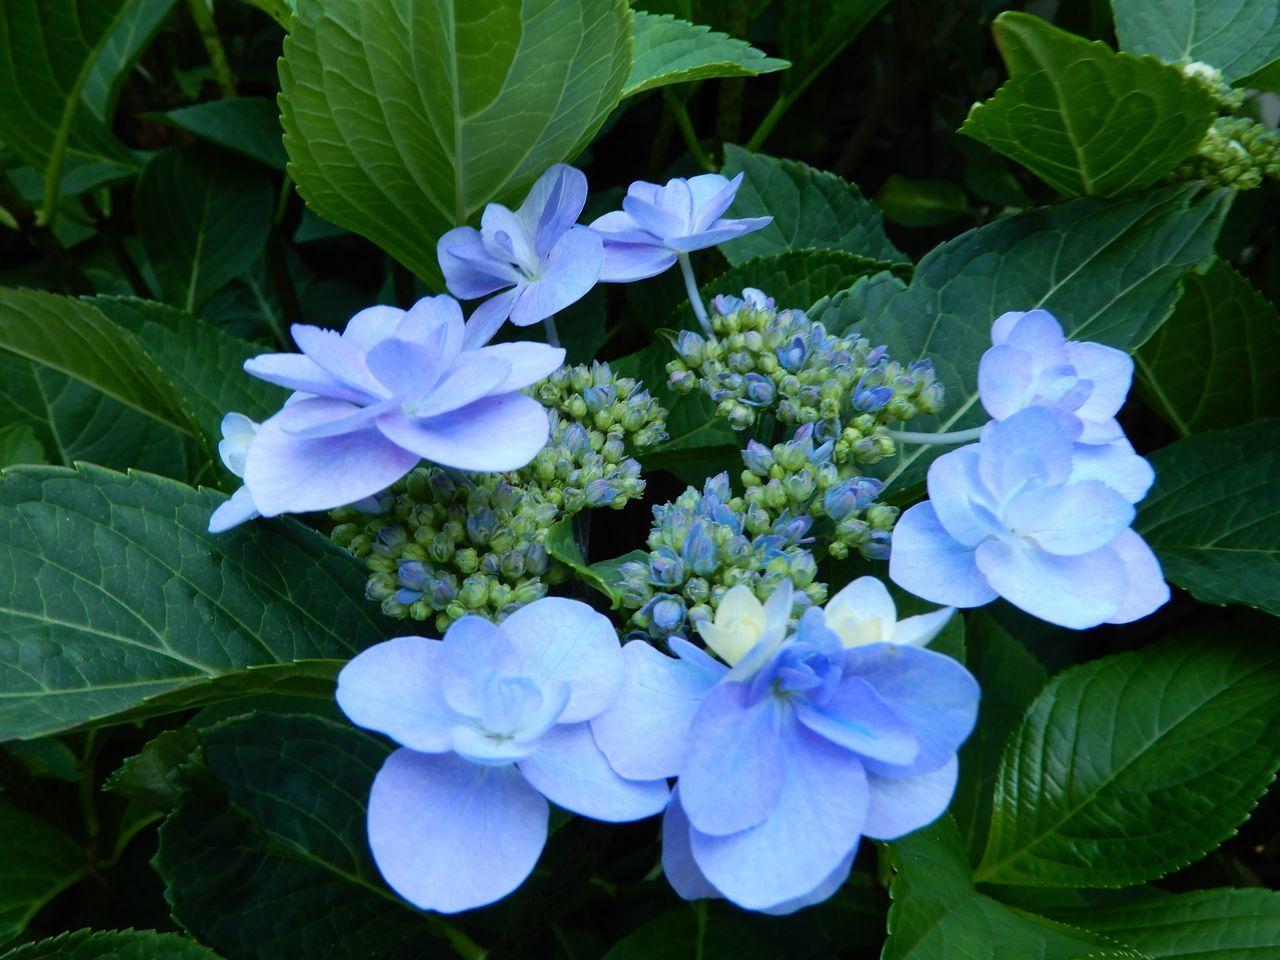 北海道らしい夏の一日_c0025115_22511793.jpg